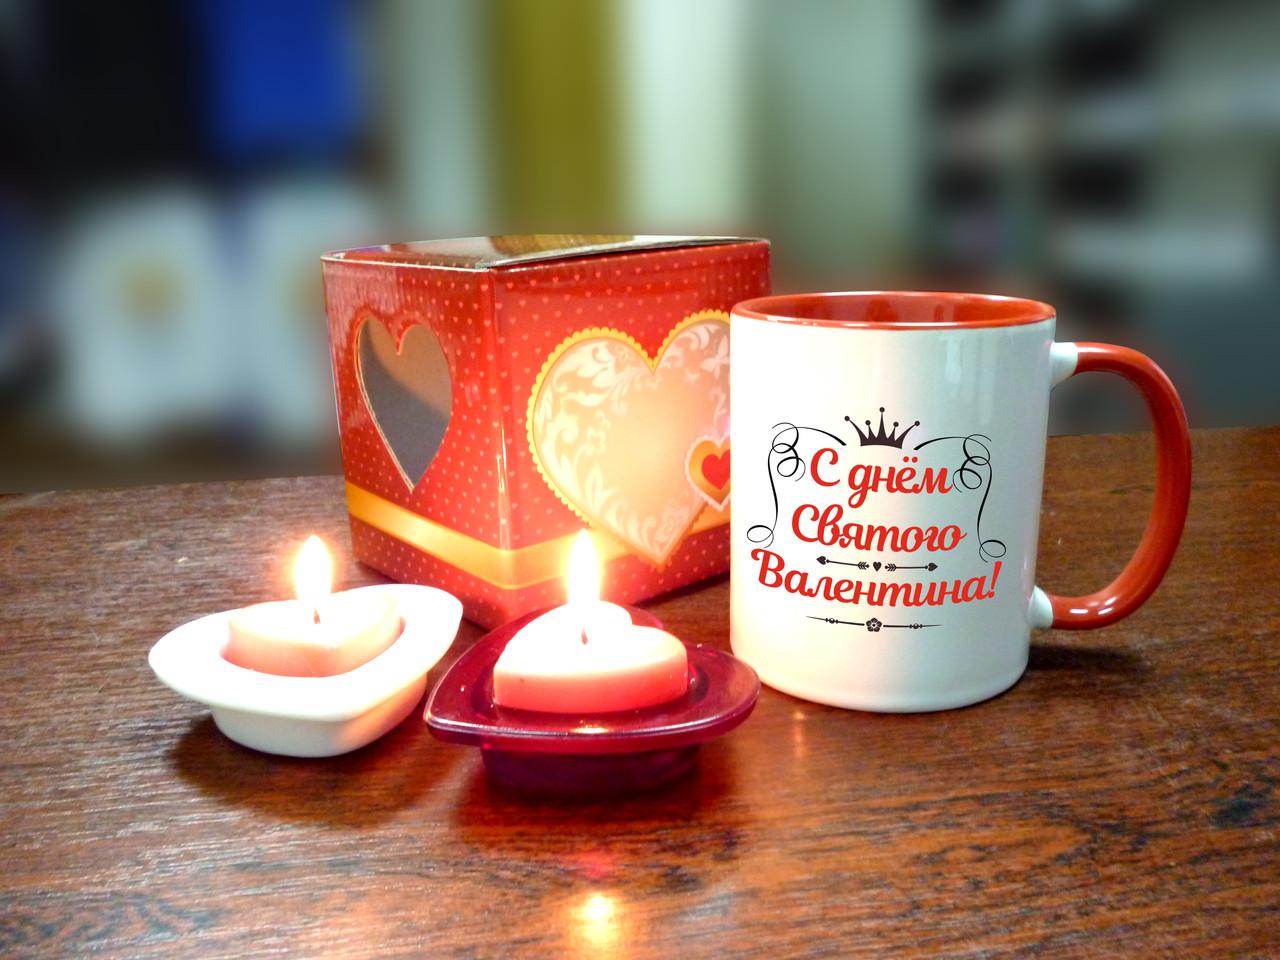 Чашка ко дню Святого Валентина в подарочной упаковке.